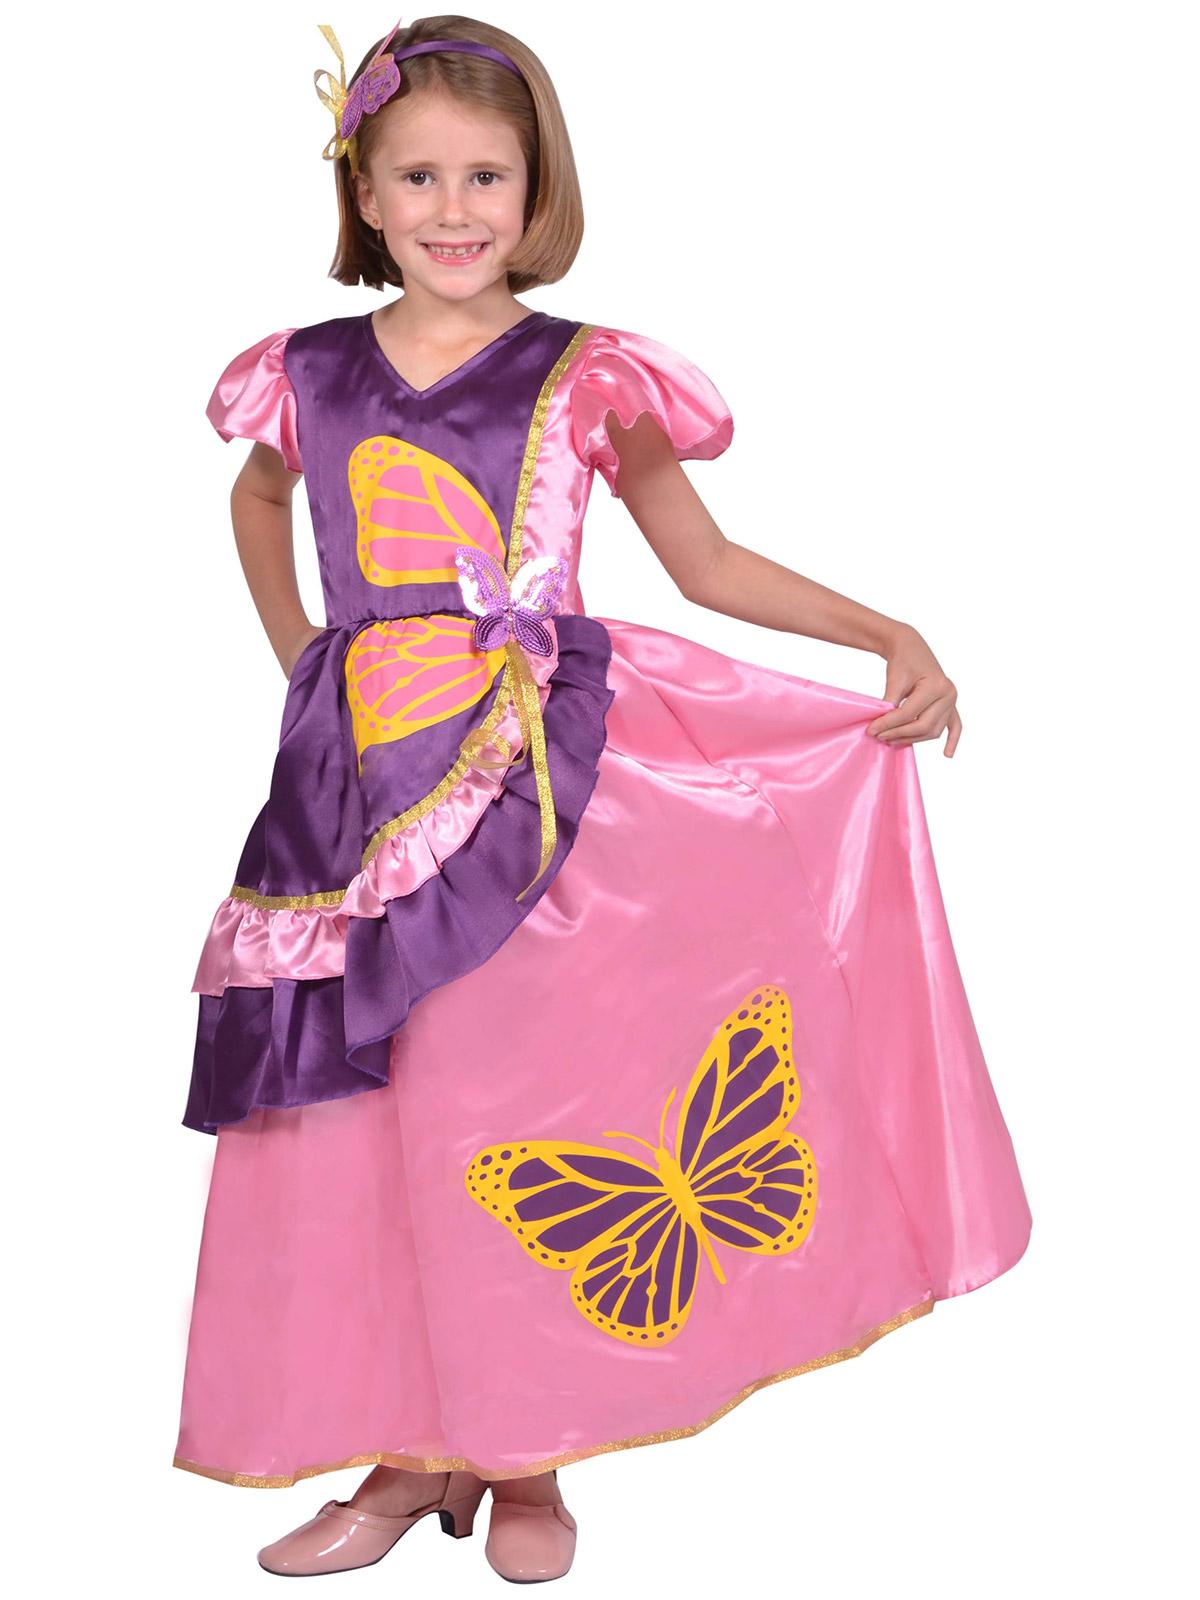 Disfraz de princesa mariposa niña: Disfraces niños,y disfraces ...